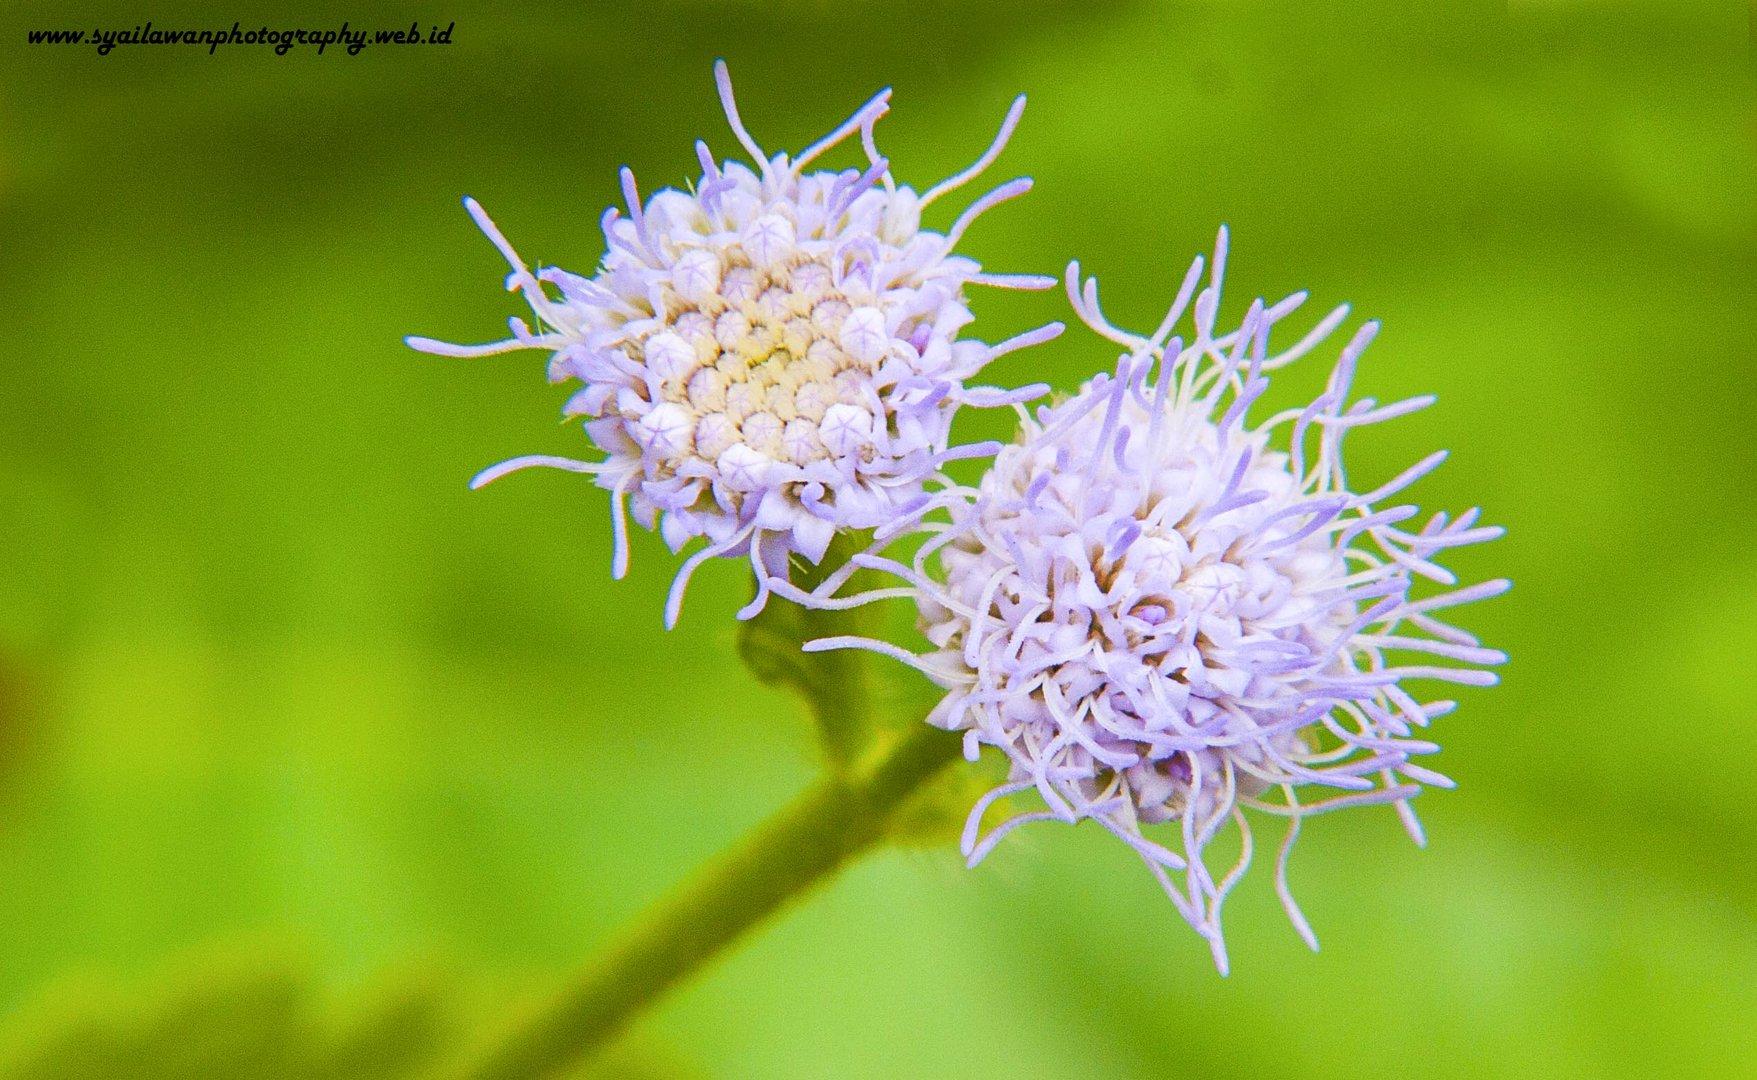 Grüne Blume